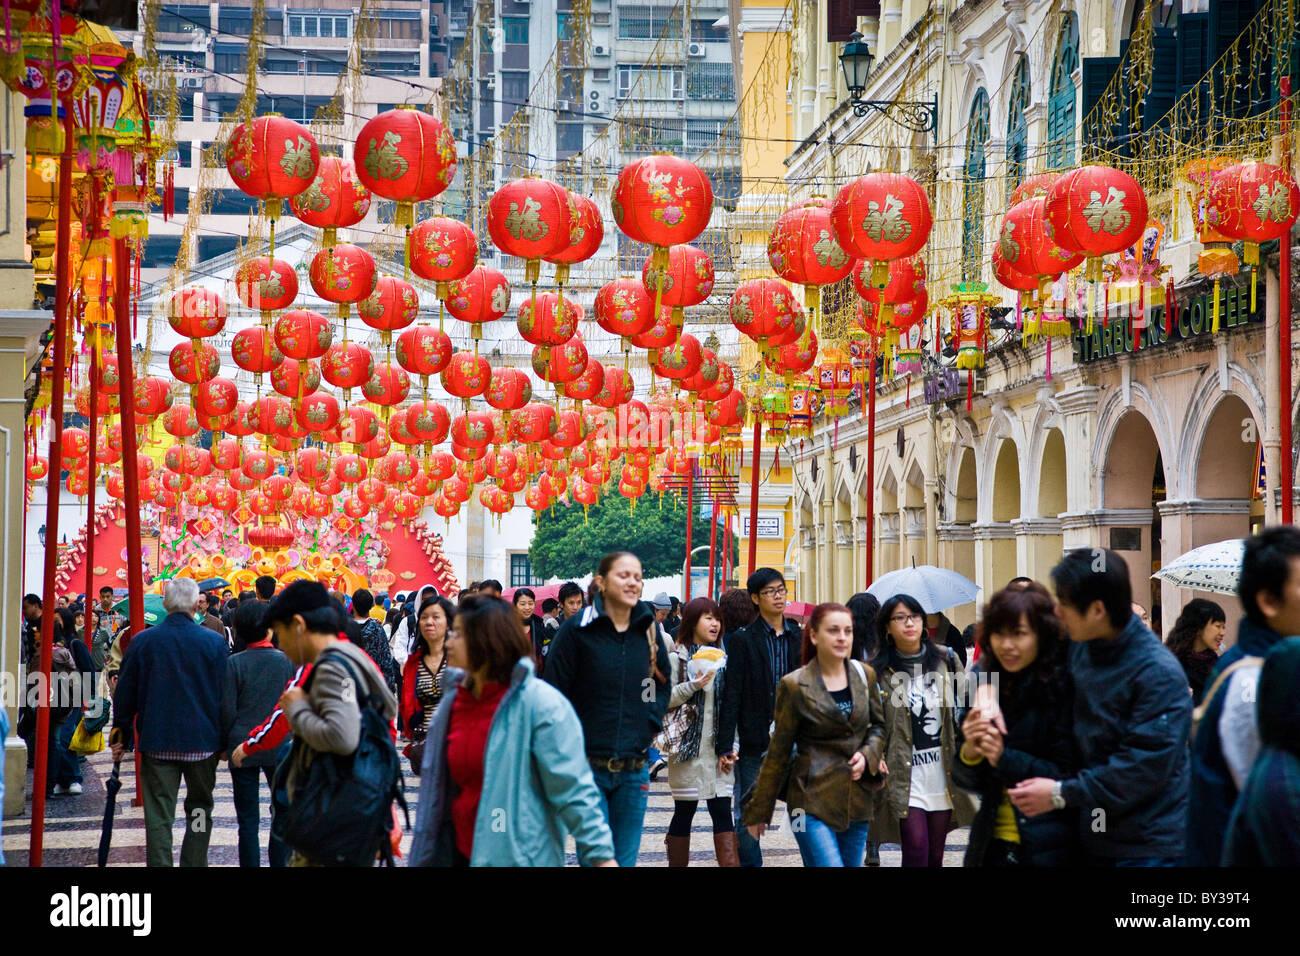 Les lanternes du nouvel an chinois au-dessus des foules de populations locales dans une rue de Macao, Chine. JMH4165 Photo Stock